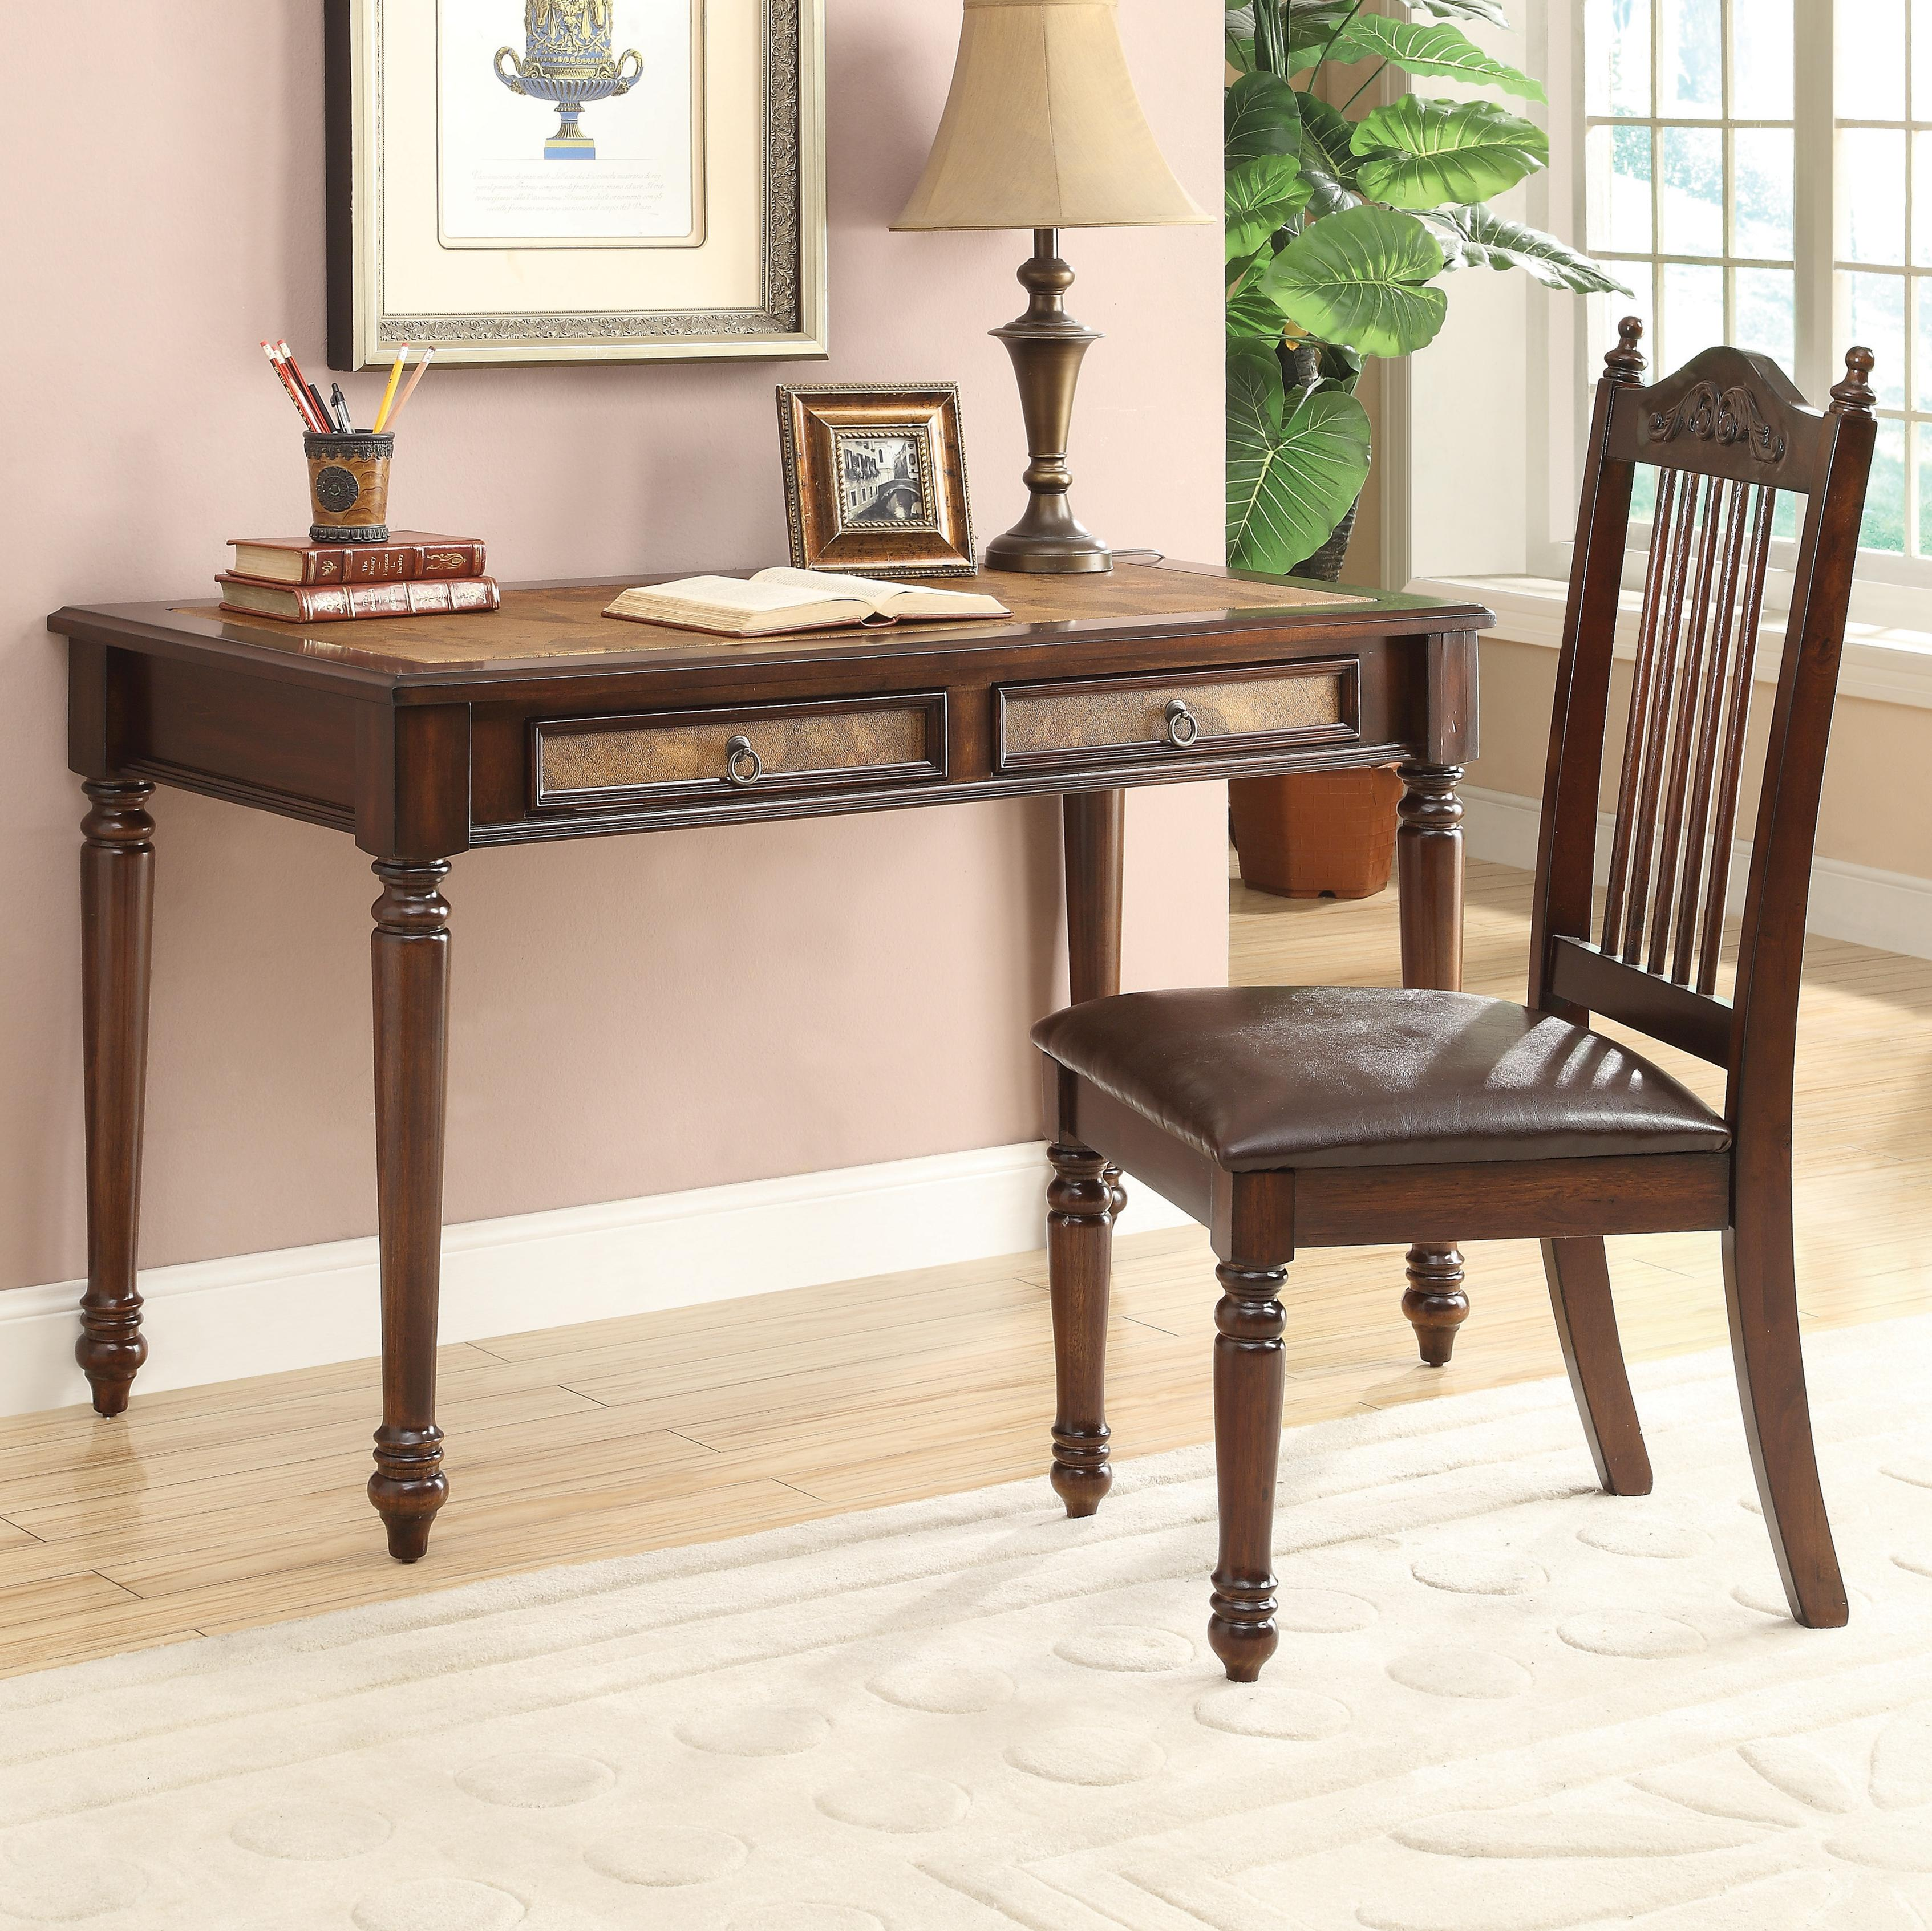 Coaster Desk U0026 Chair Set   Item Number: 800079